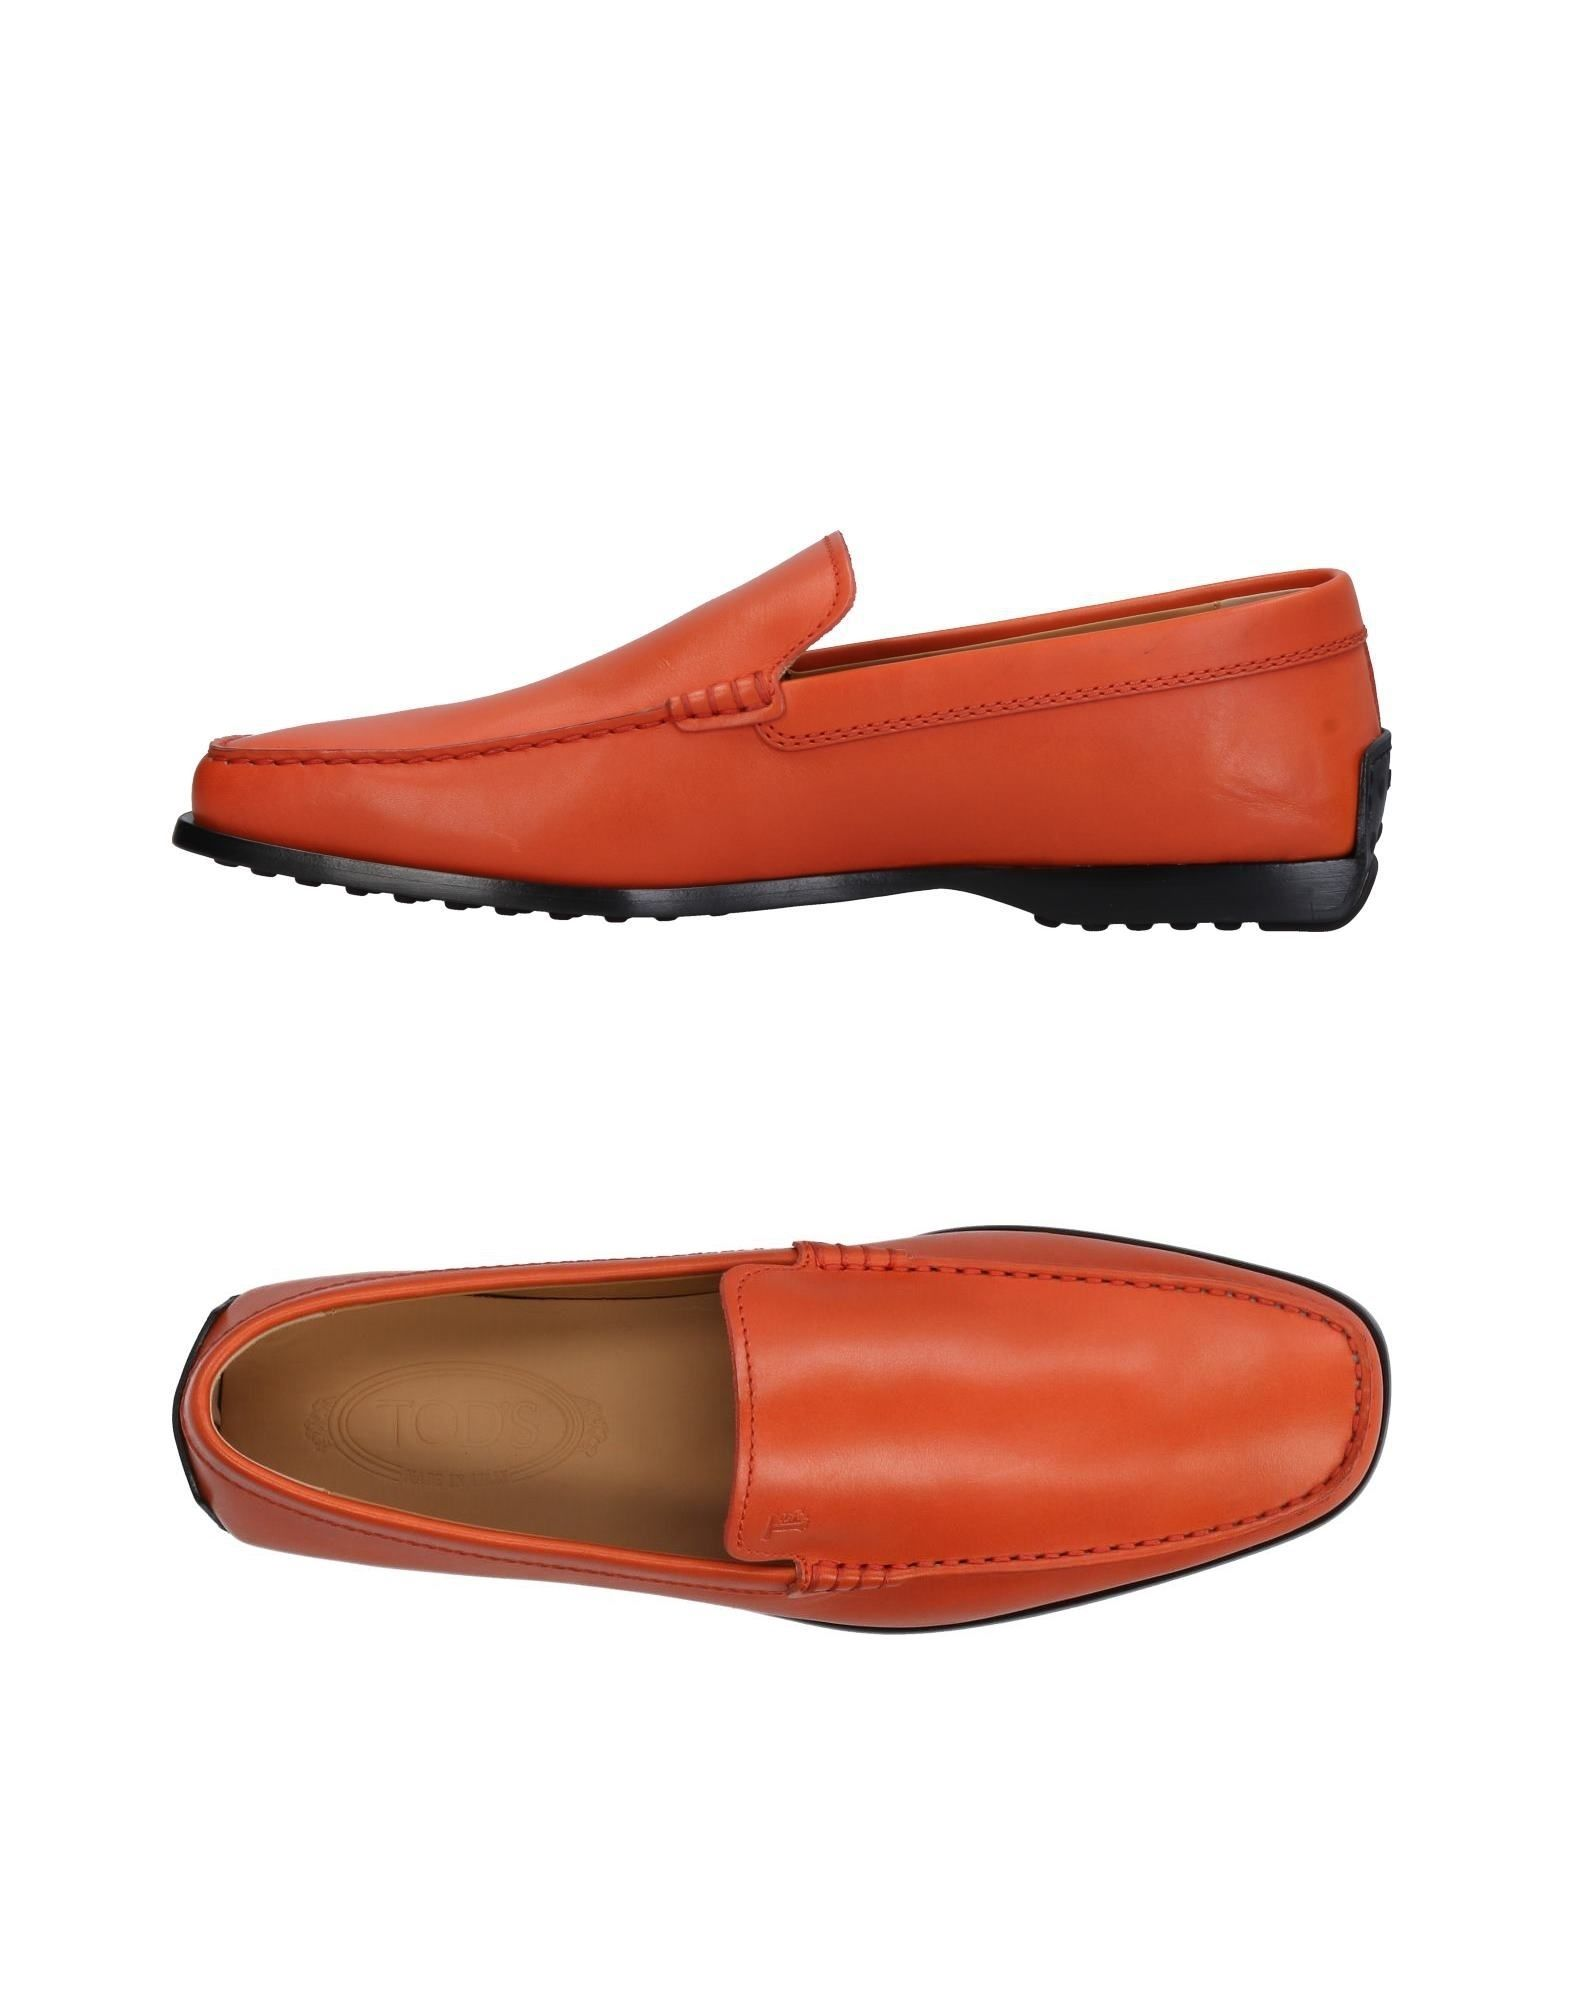 Tod's Mokassins Qualität Herren  11435672HK Gute Qualität Mokassins beliebte Schuhe 4a1d59